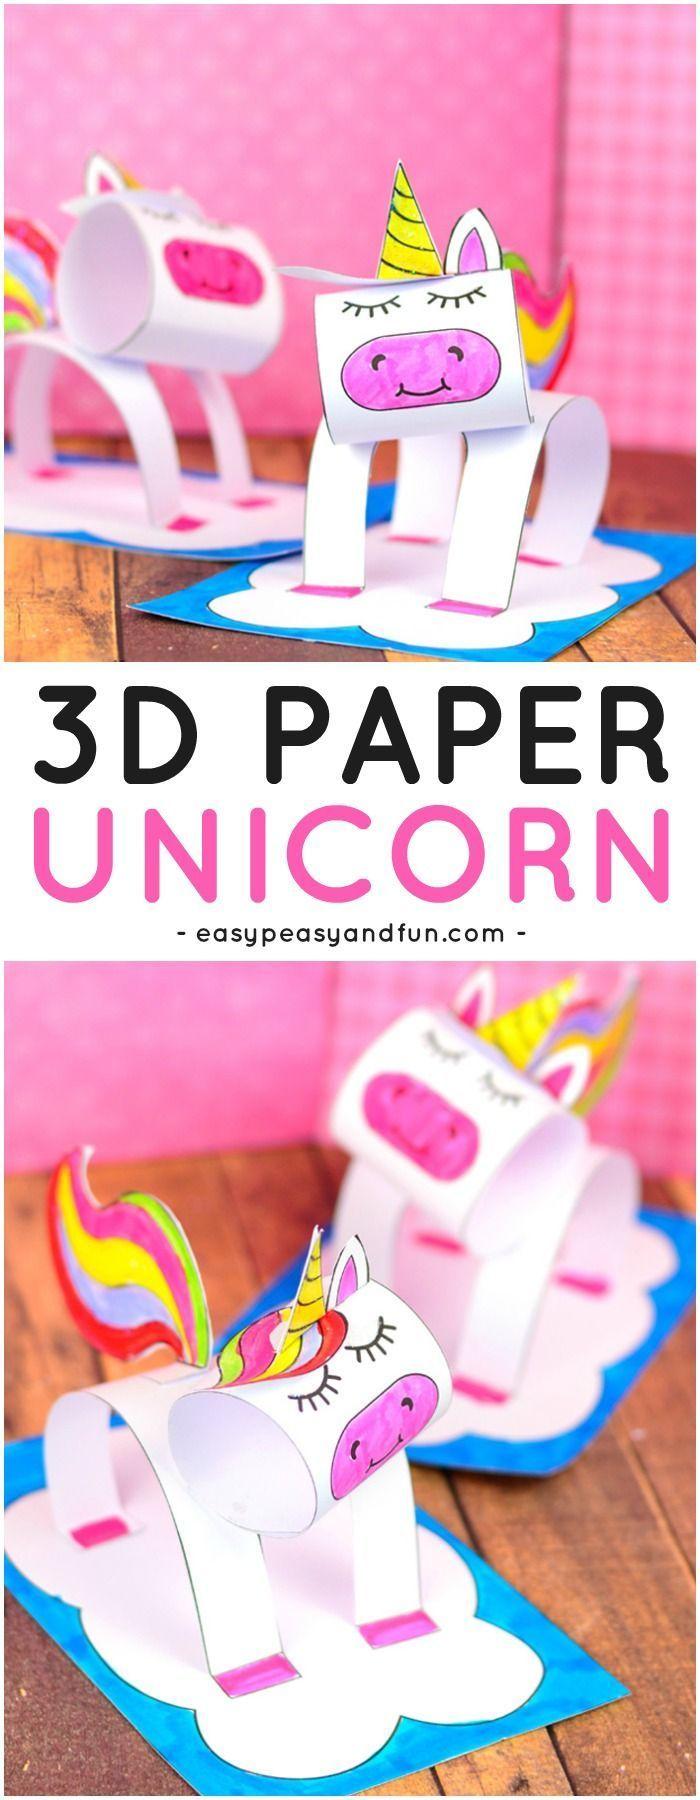 Juicy image inside printable kids craft